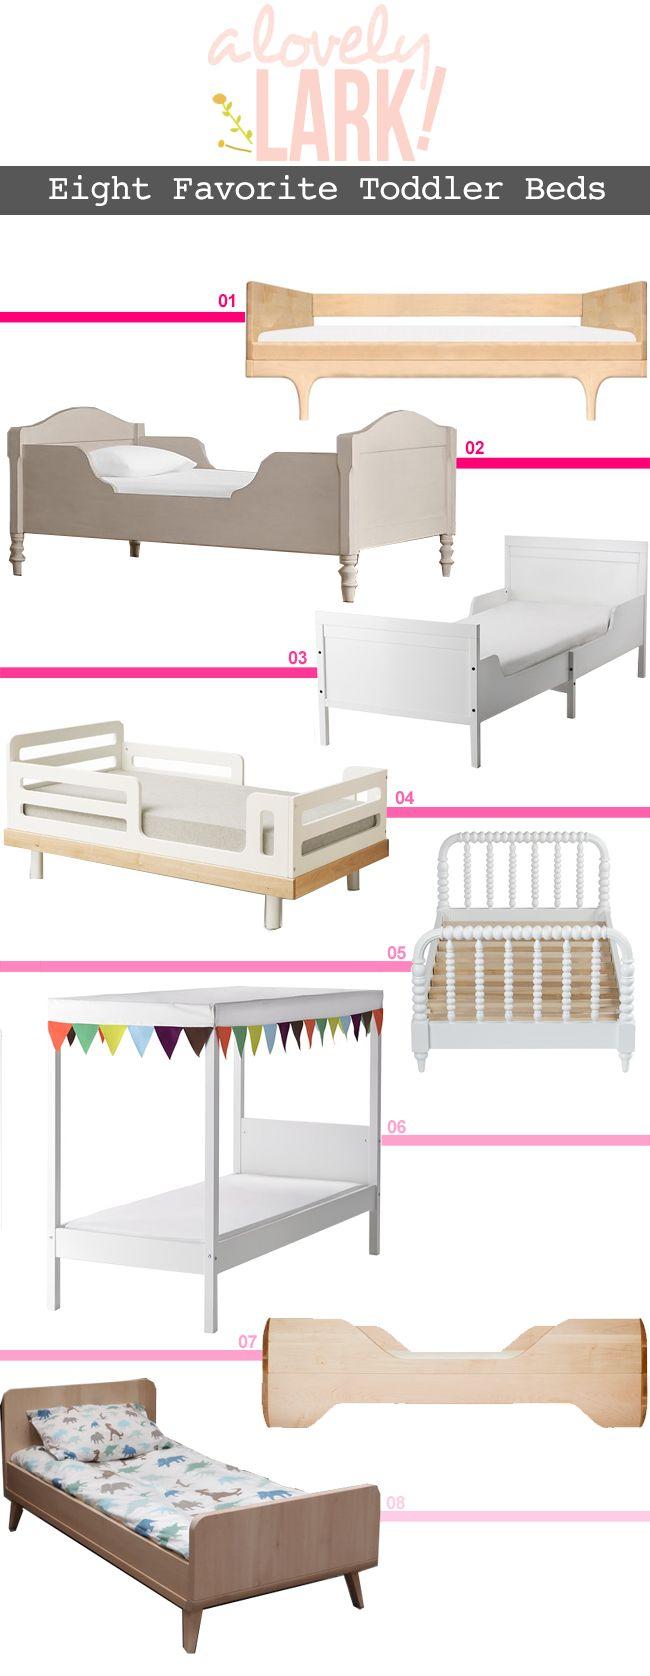 8 Favorite Toddler Beds